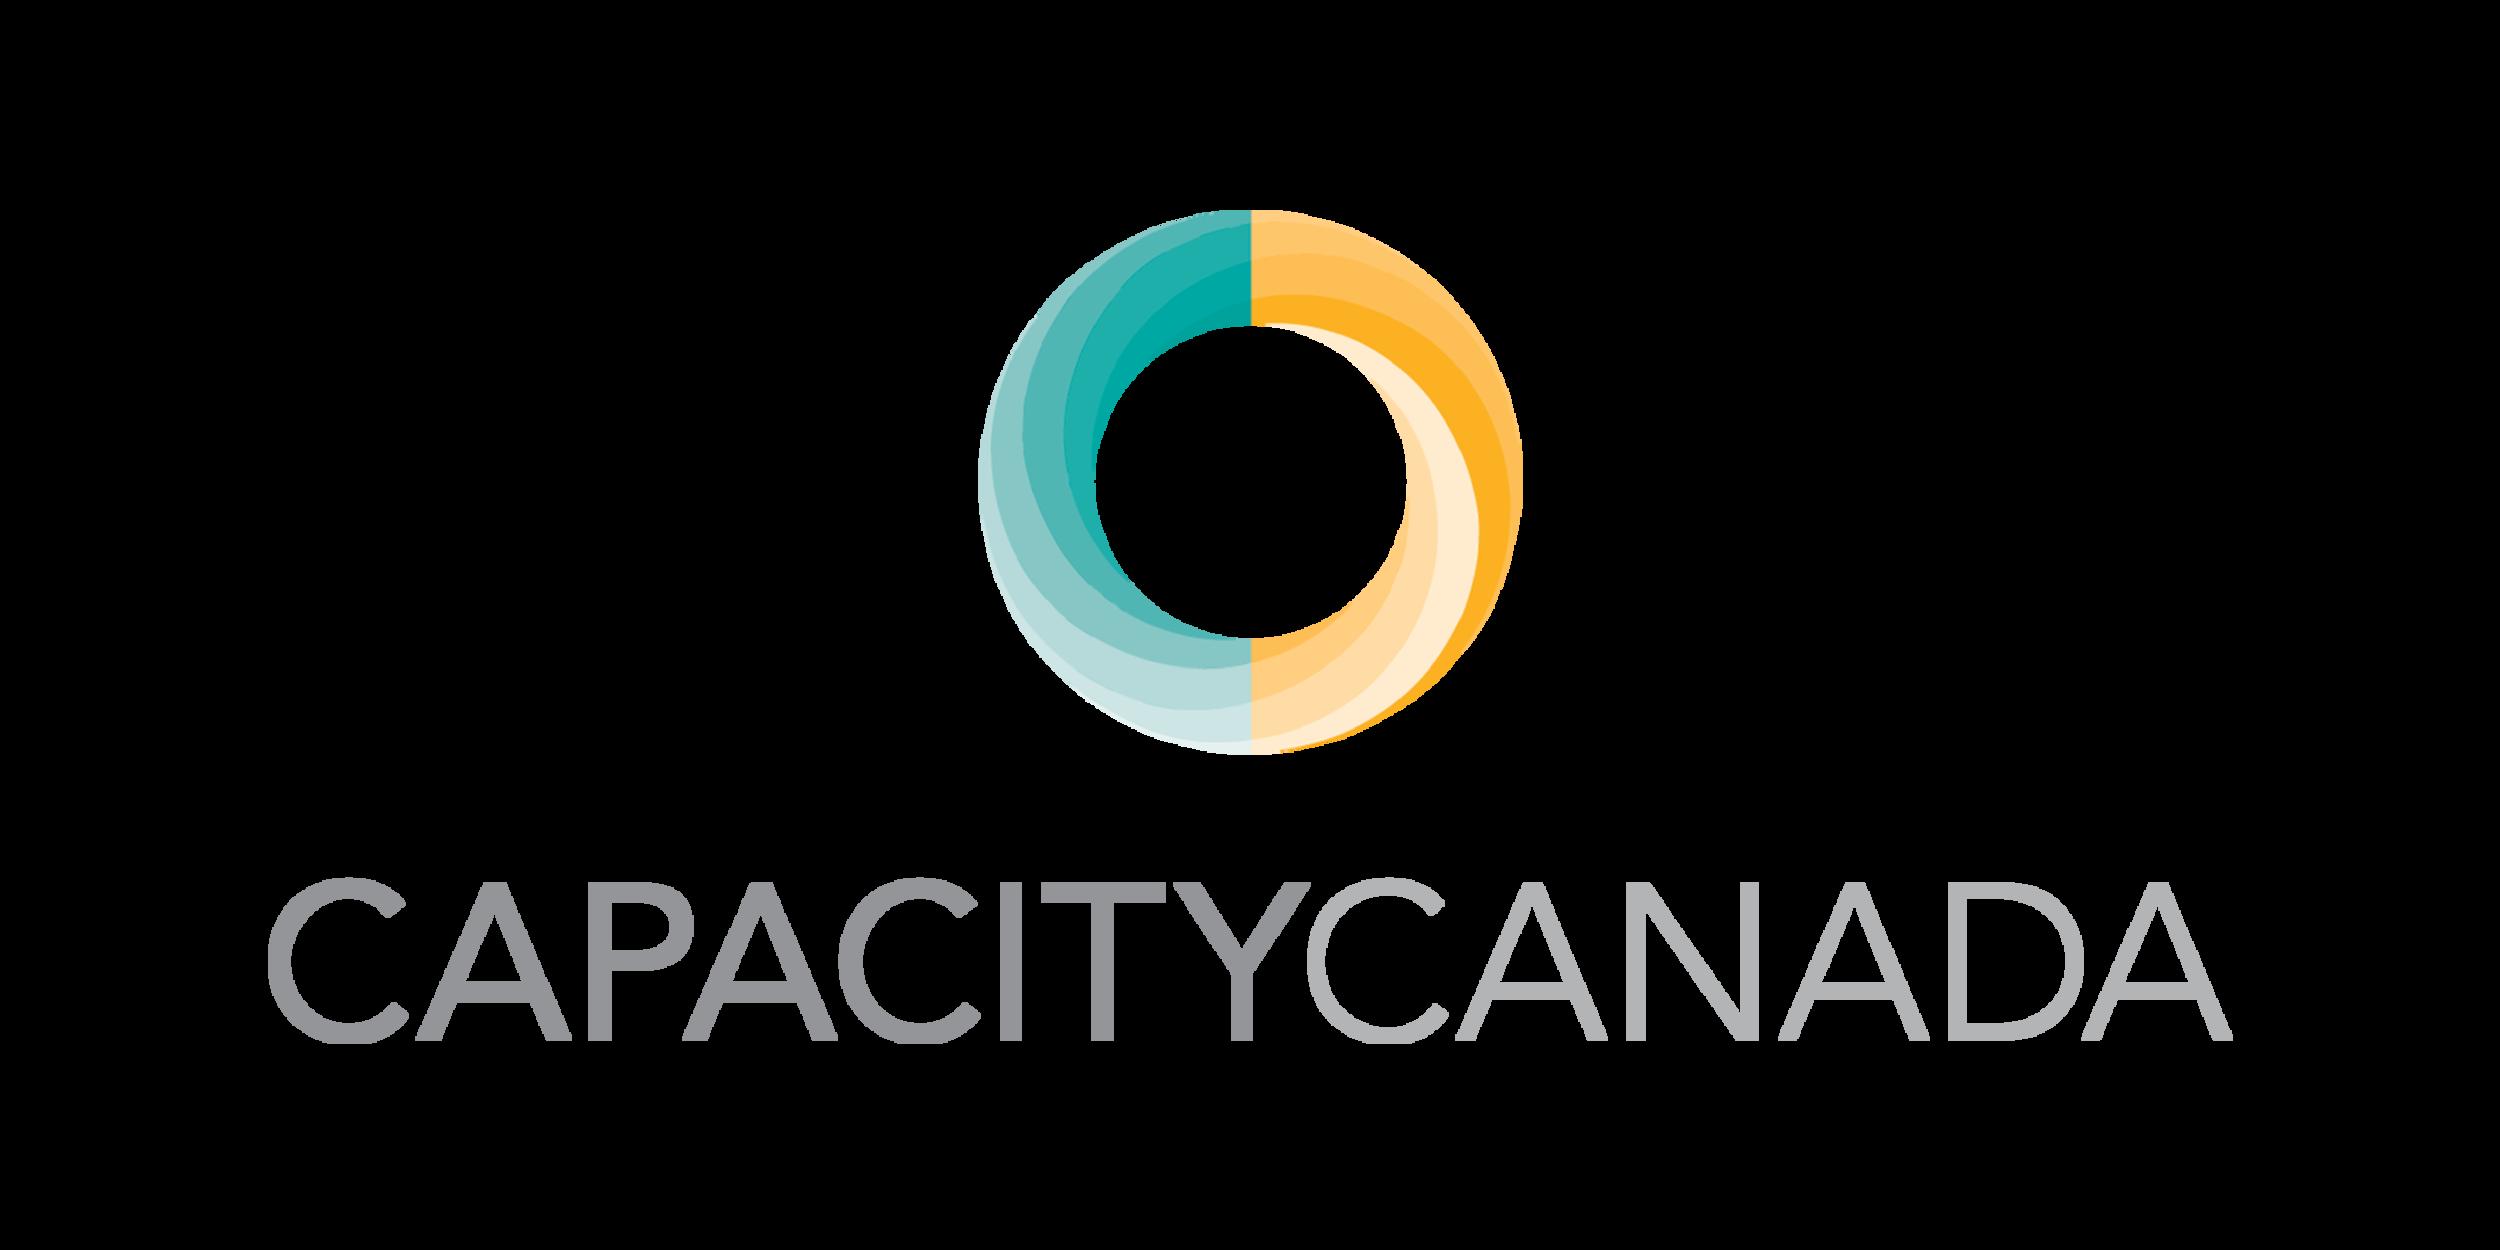 Capacity Canada-logo-01.png